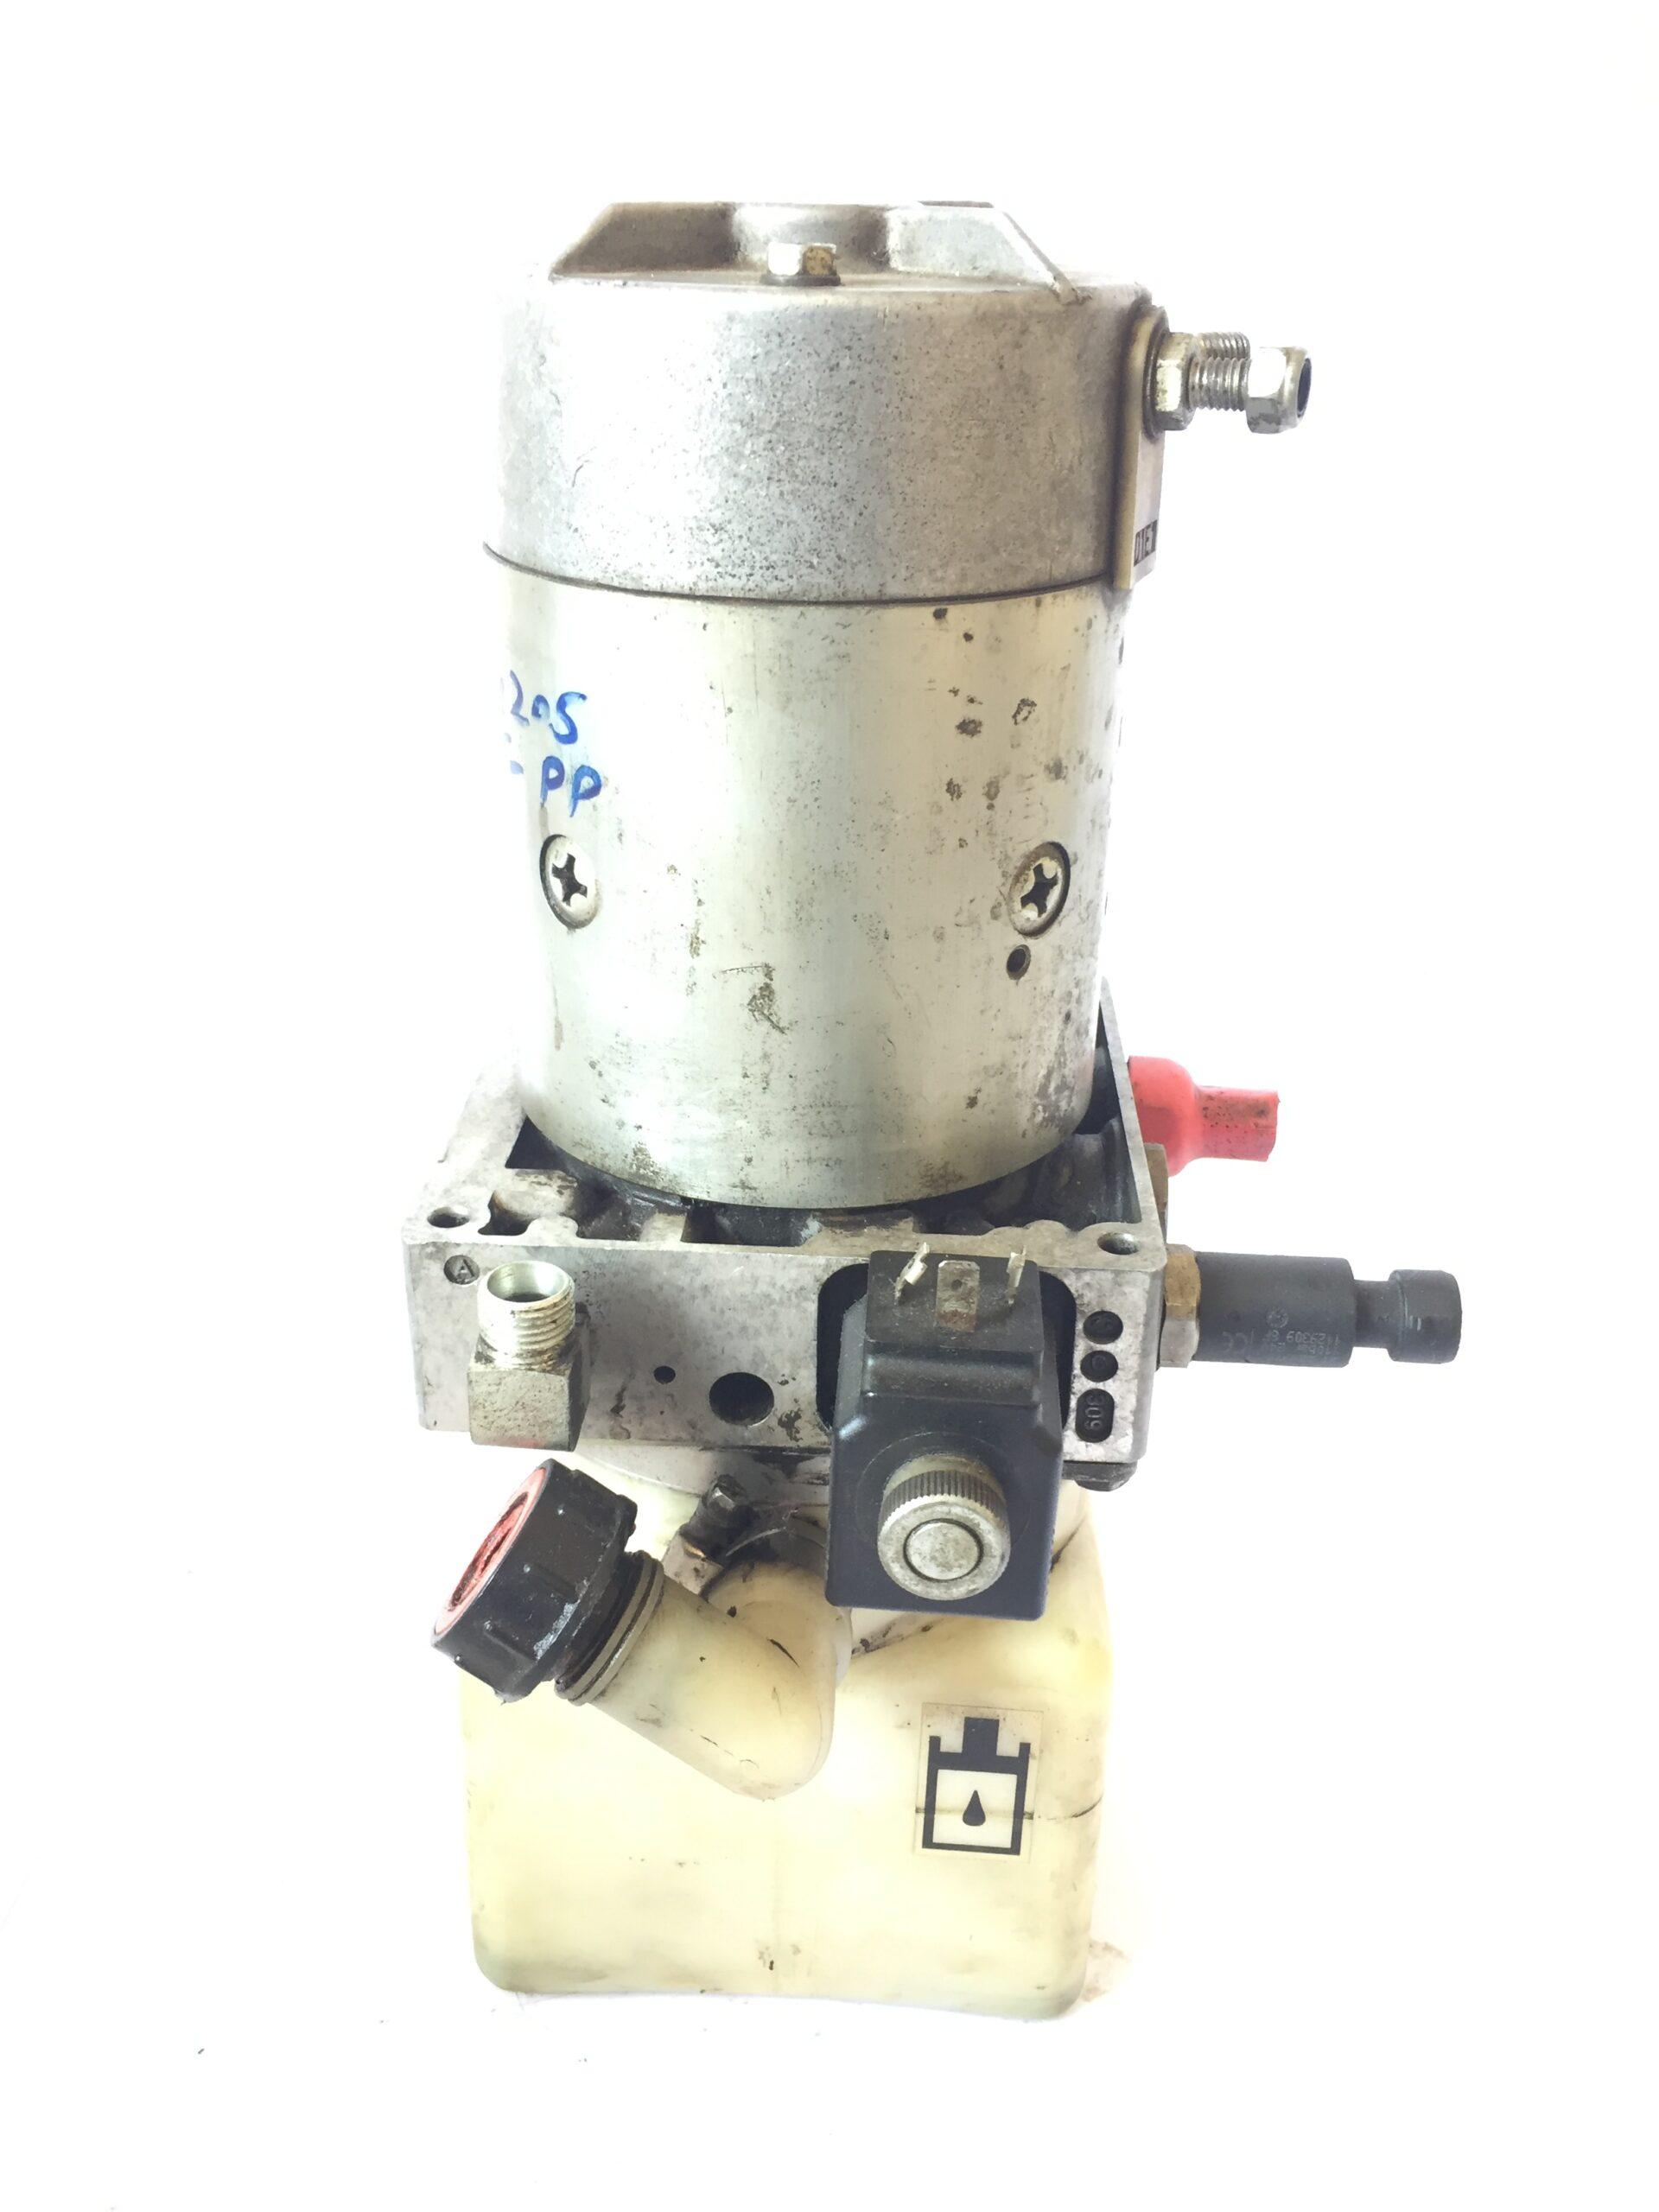   Hydraulic Pump   Fazl-e-Rasheed and Company October 2021